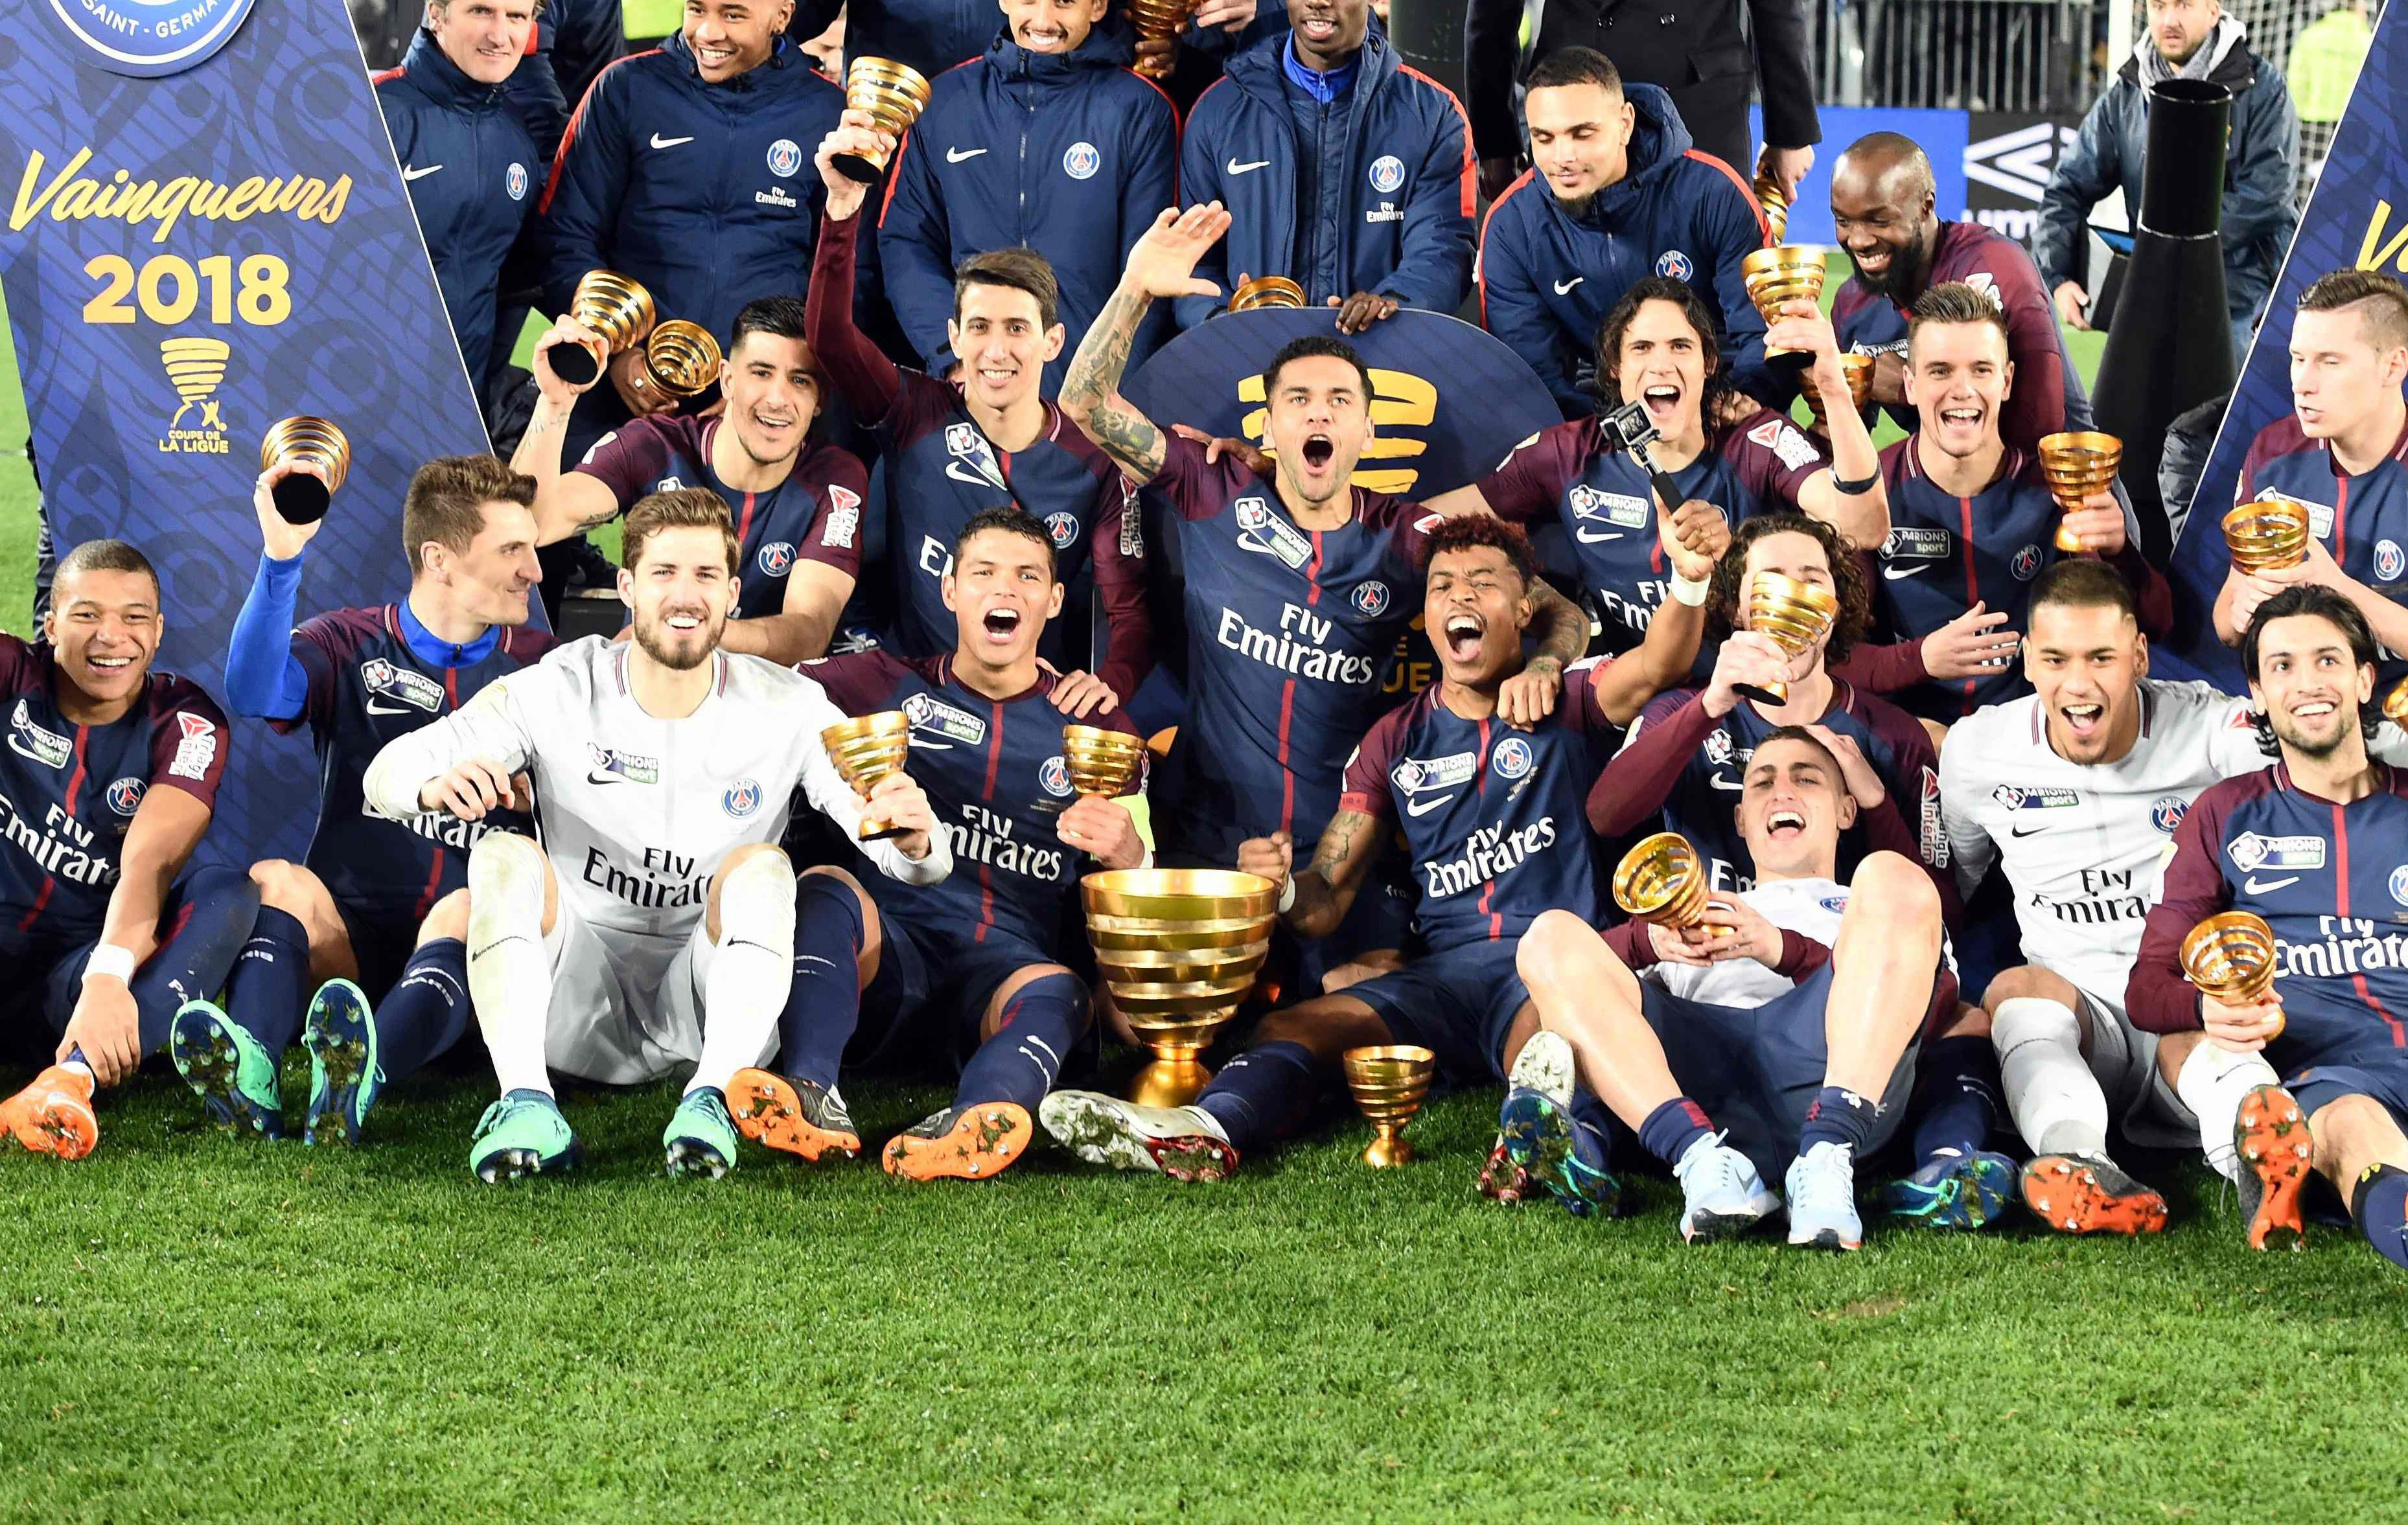 Conqu rant face monaco le psg confisque encore la coupe de la ligue coupe de la ligue - Football coupe de la ligue direct ...